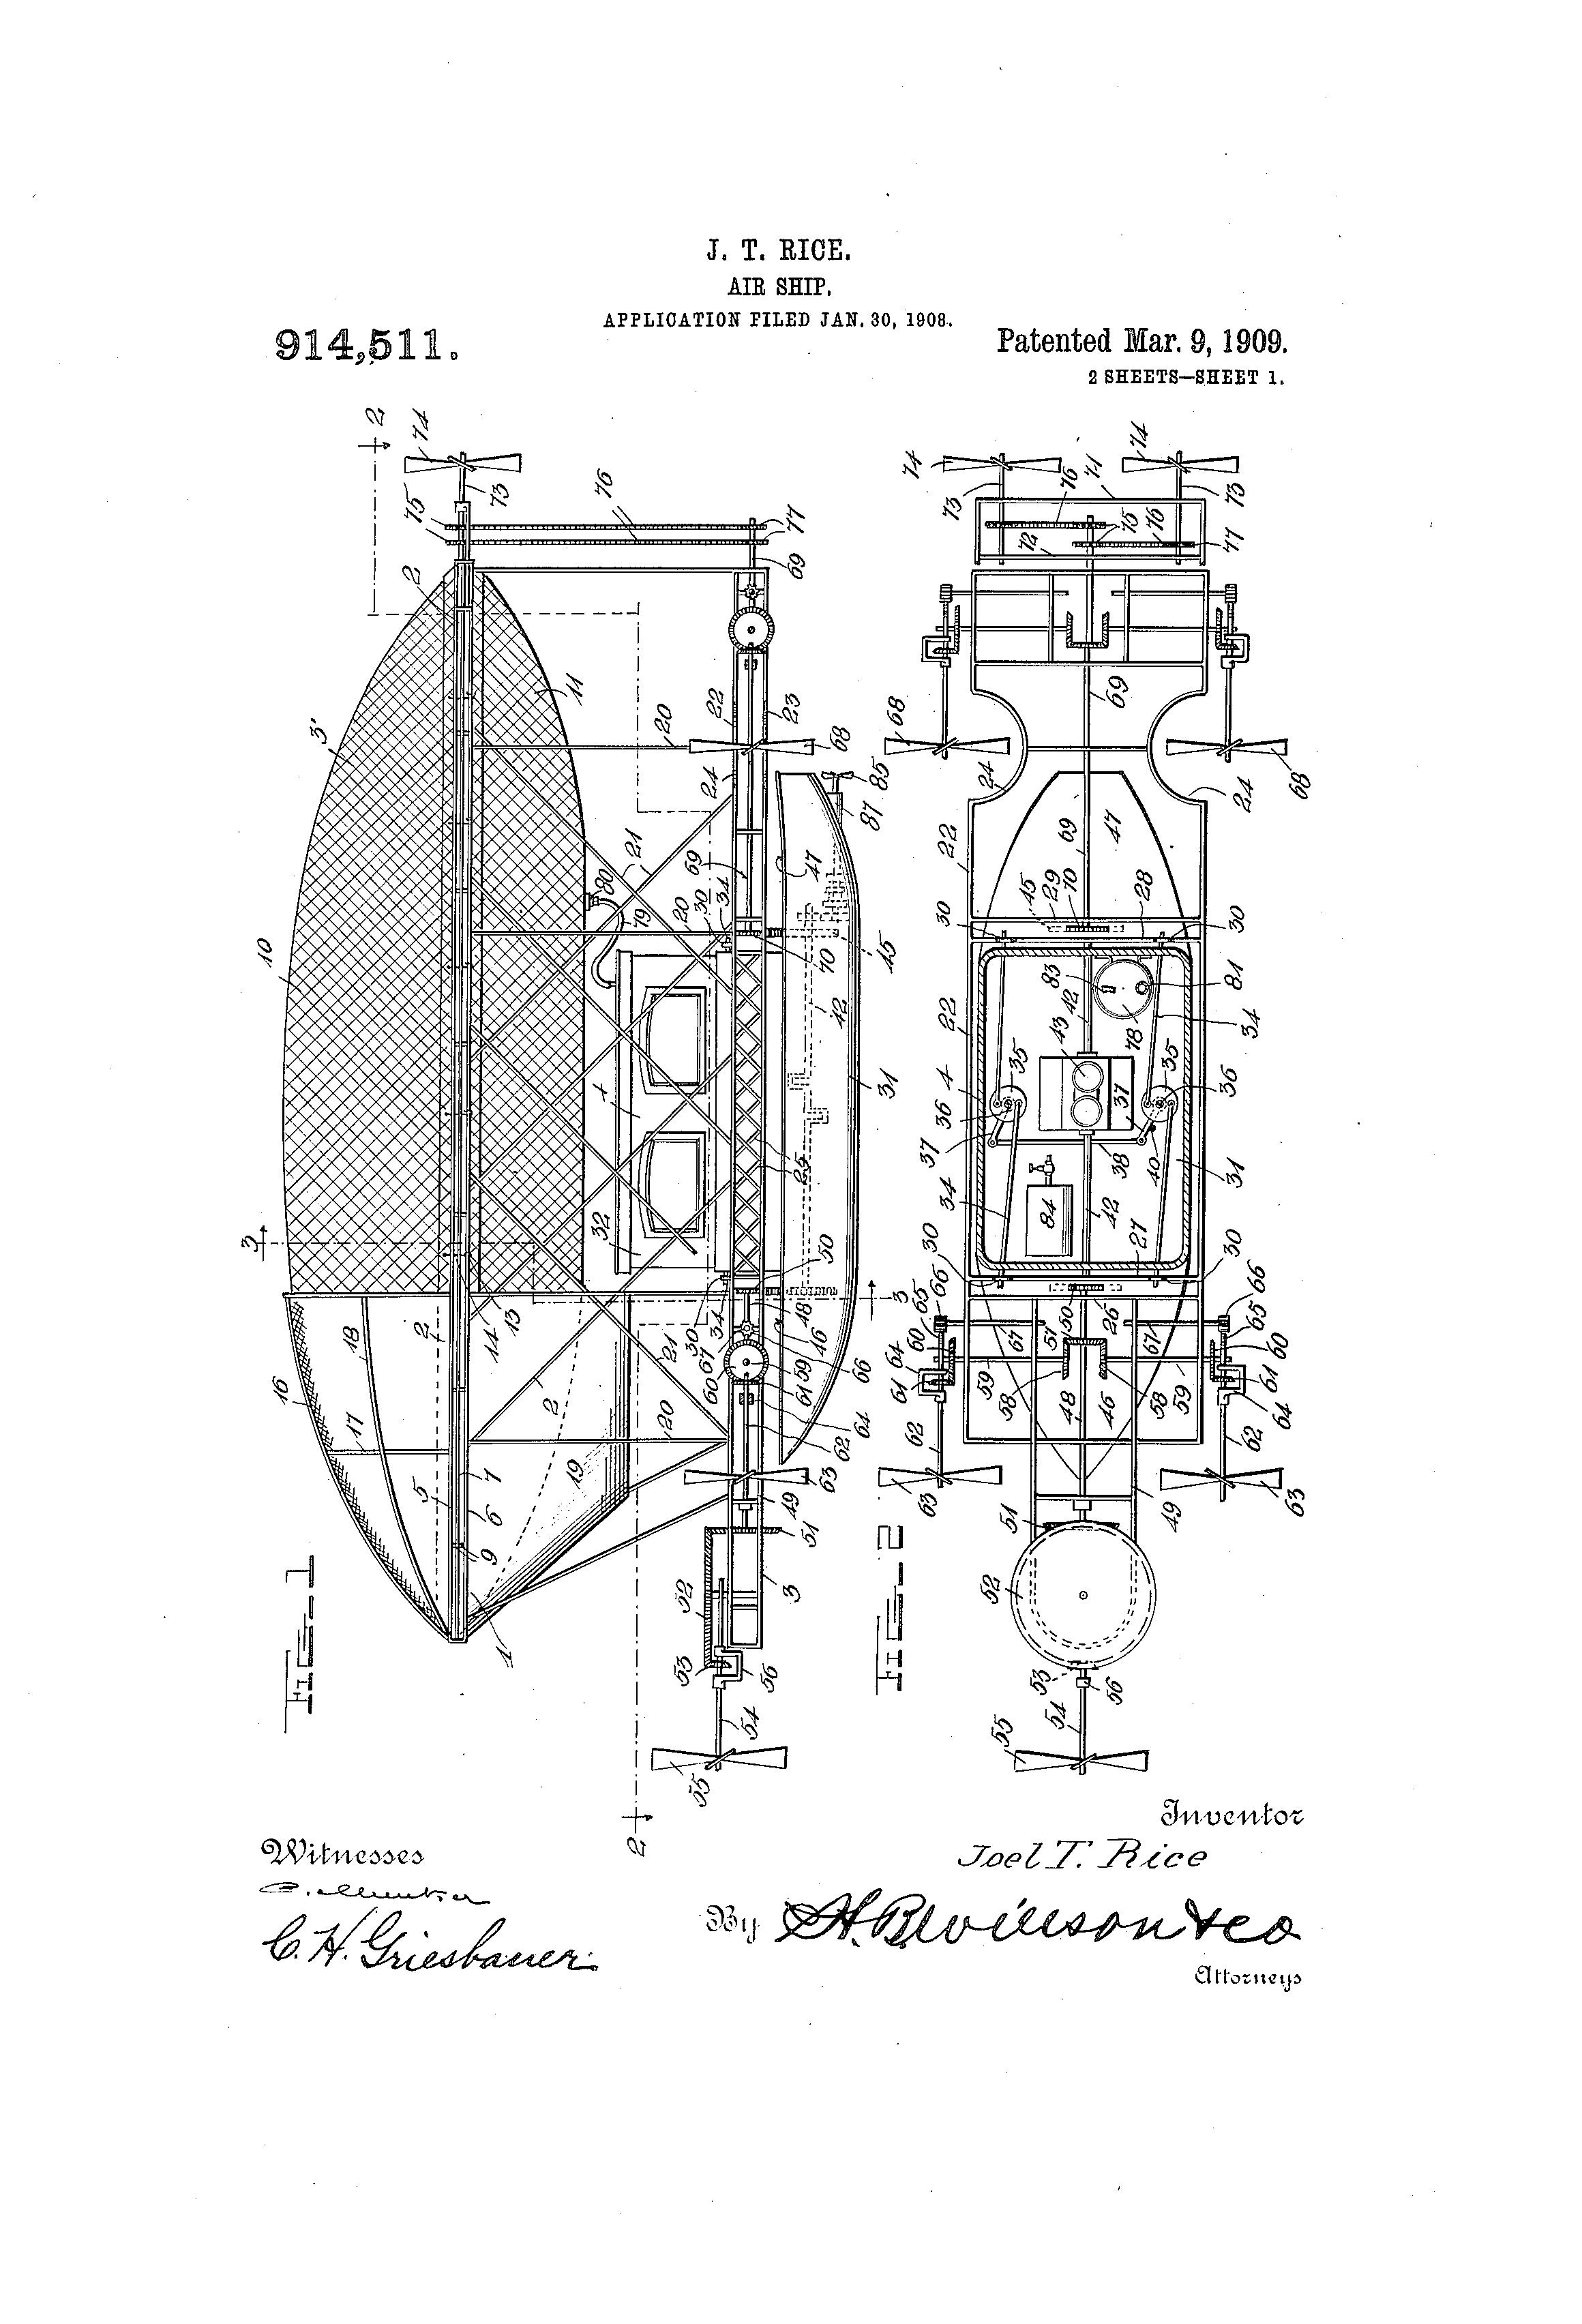 Pin by George Egan on retro engineering art in 2020